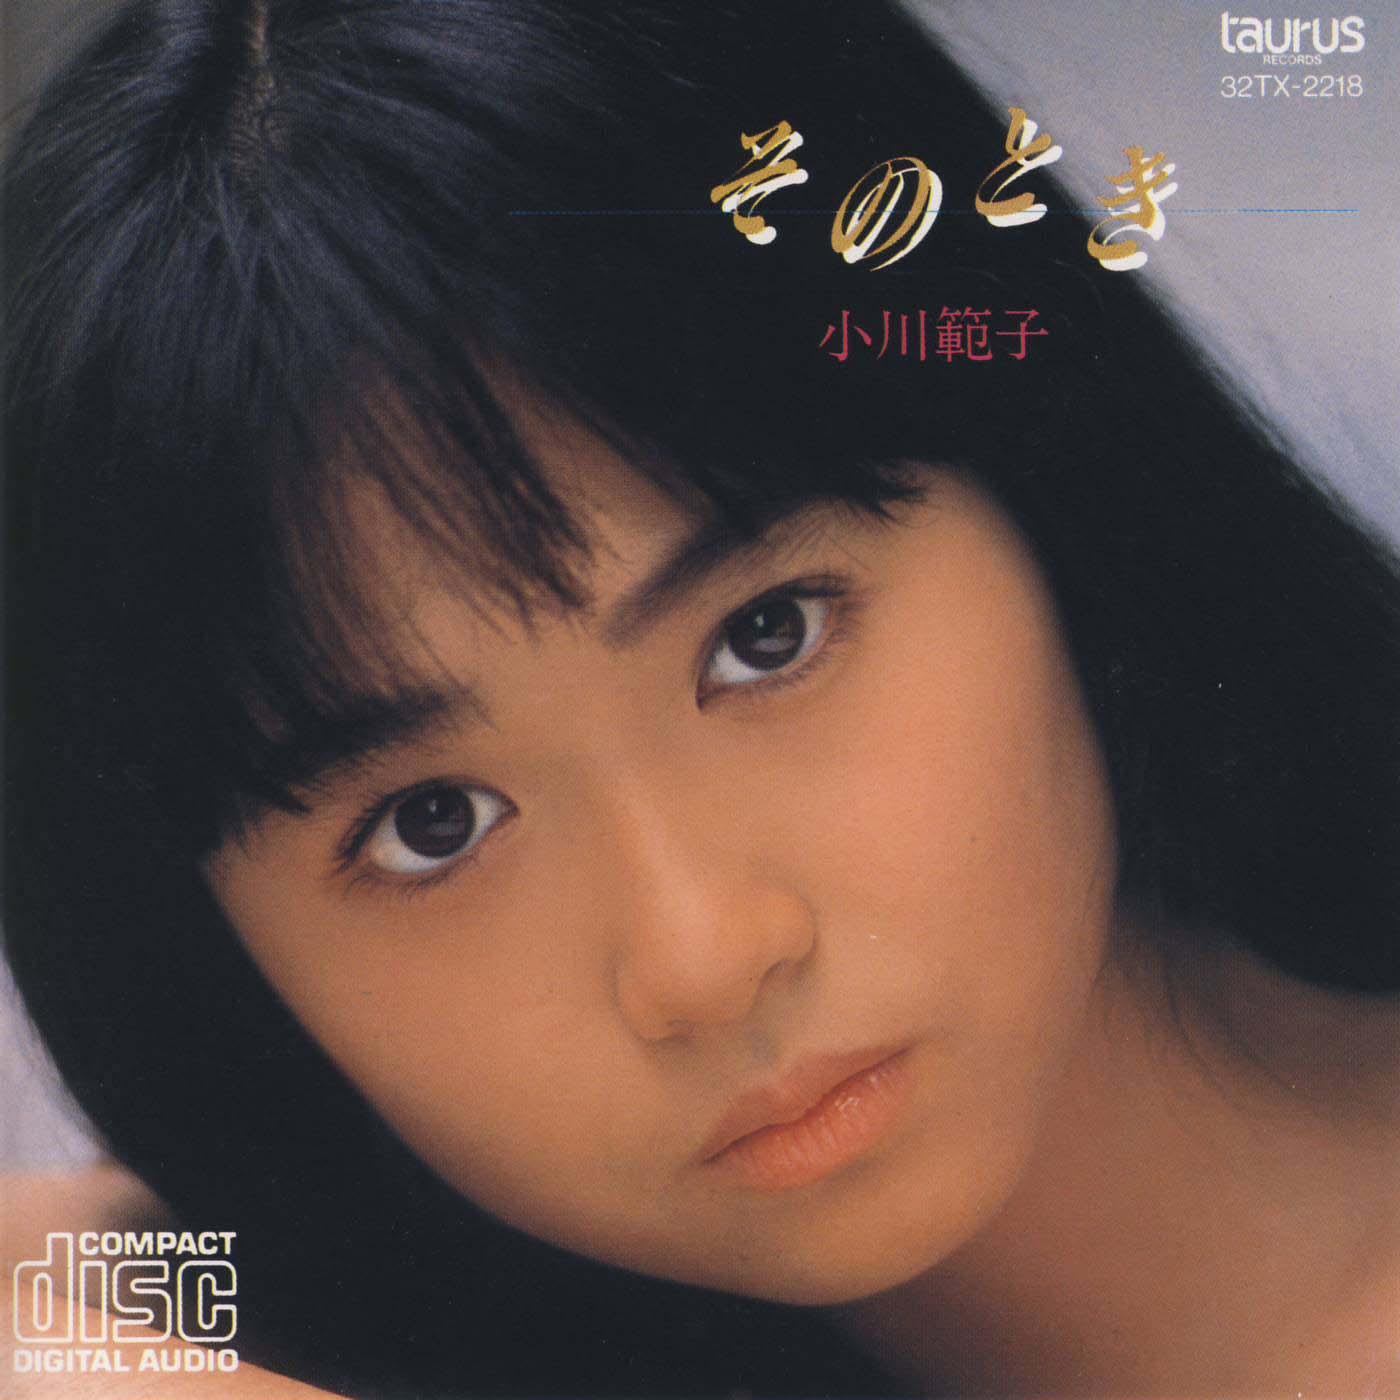 20170227.01.25 Noriko Ogawa - Sono toki (1989) cover.jpg